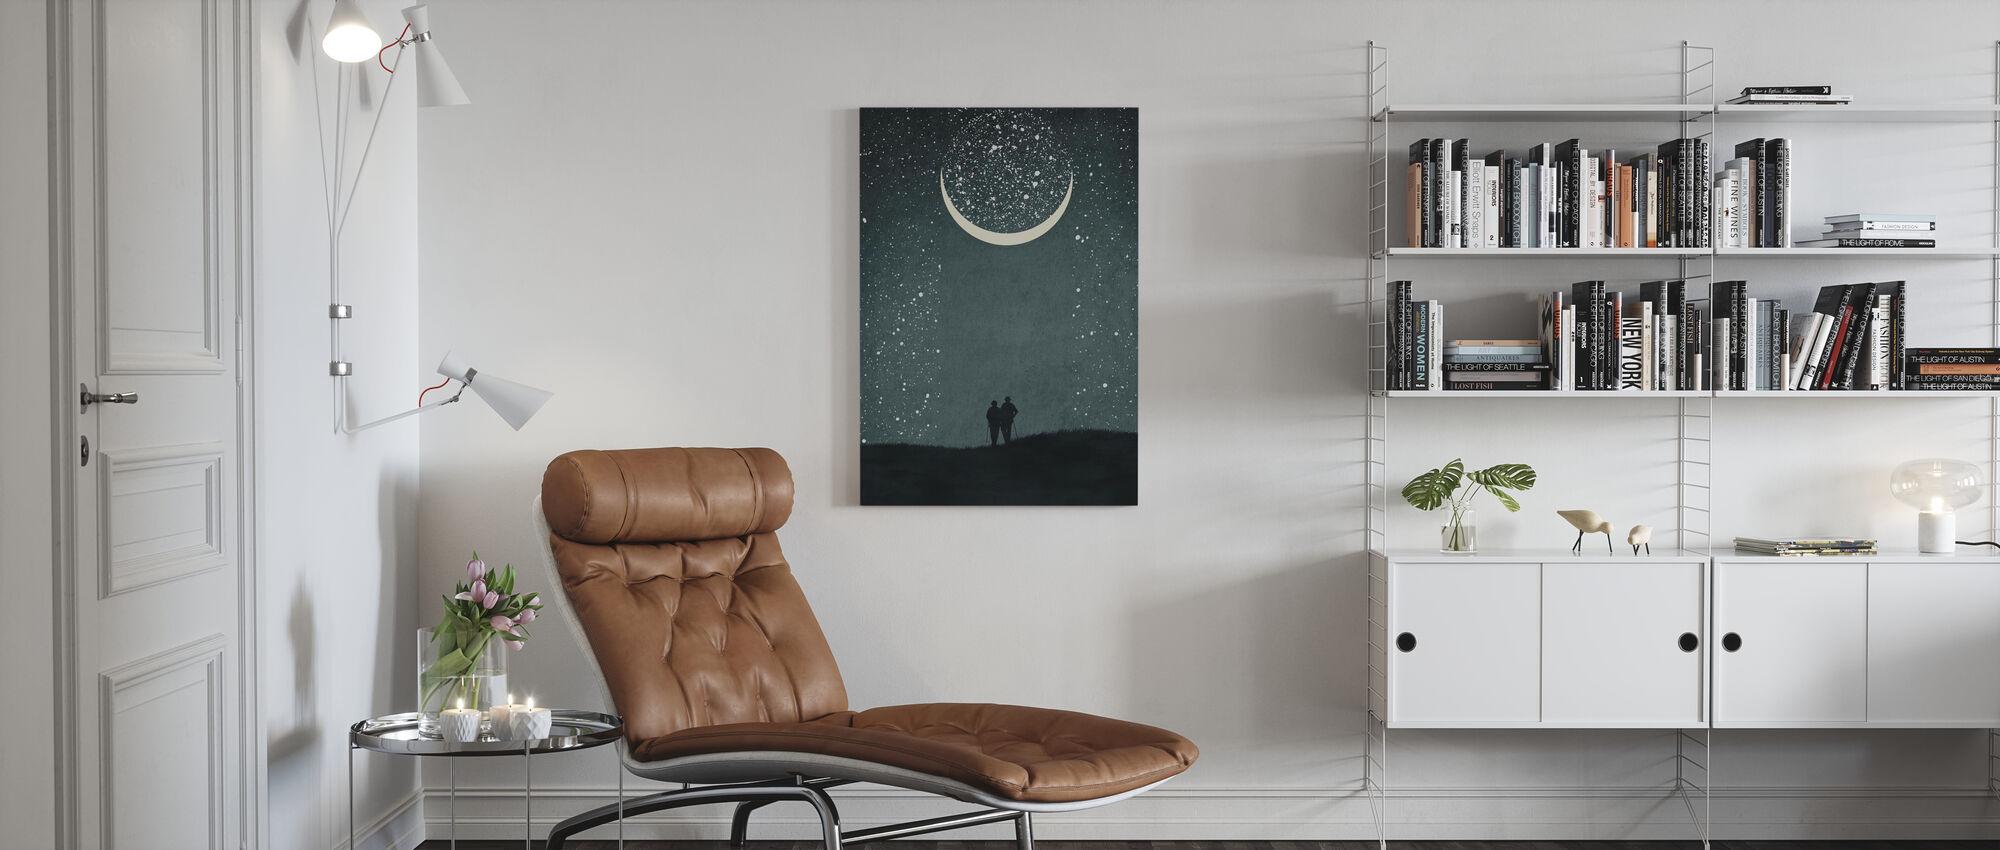 Dromen met jou - Canvas print - Woonkamer